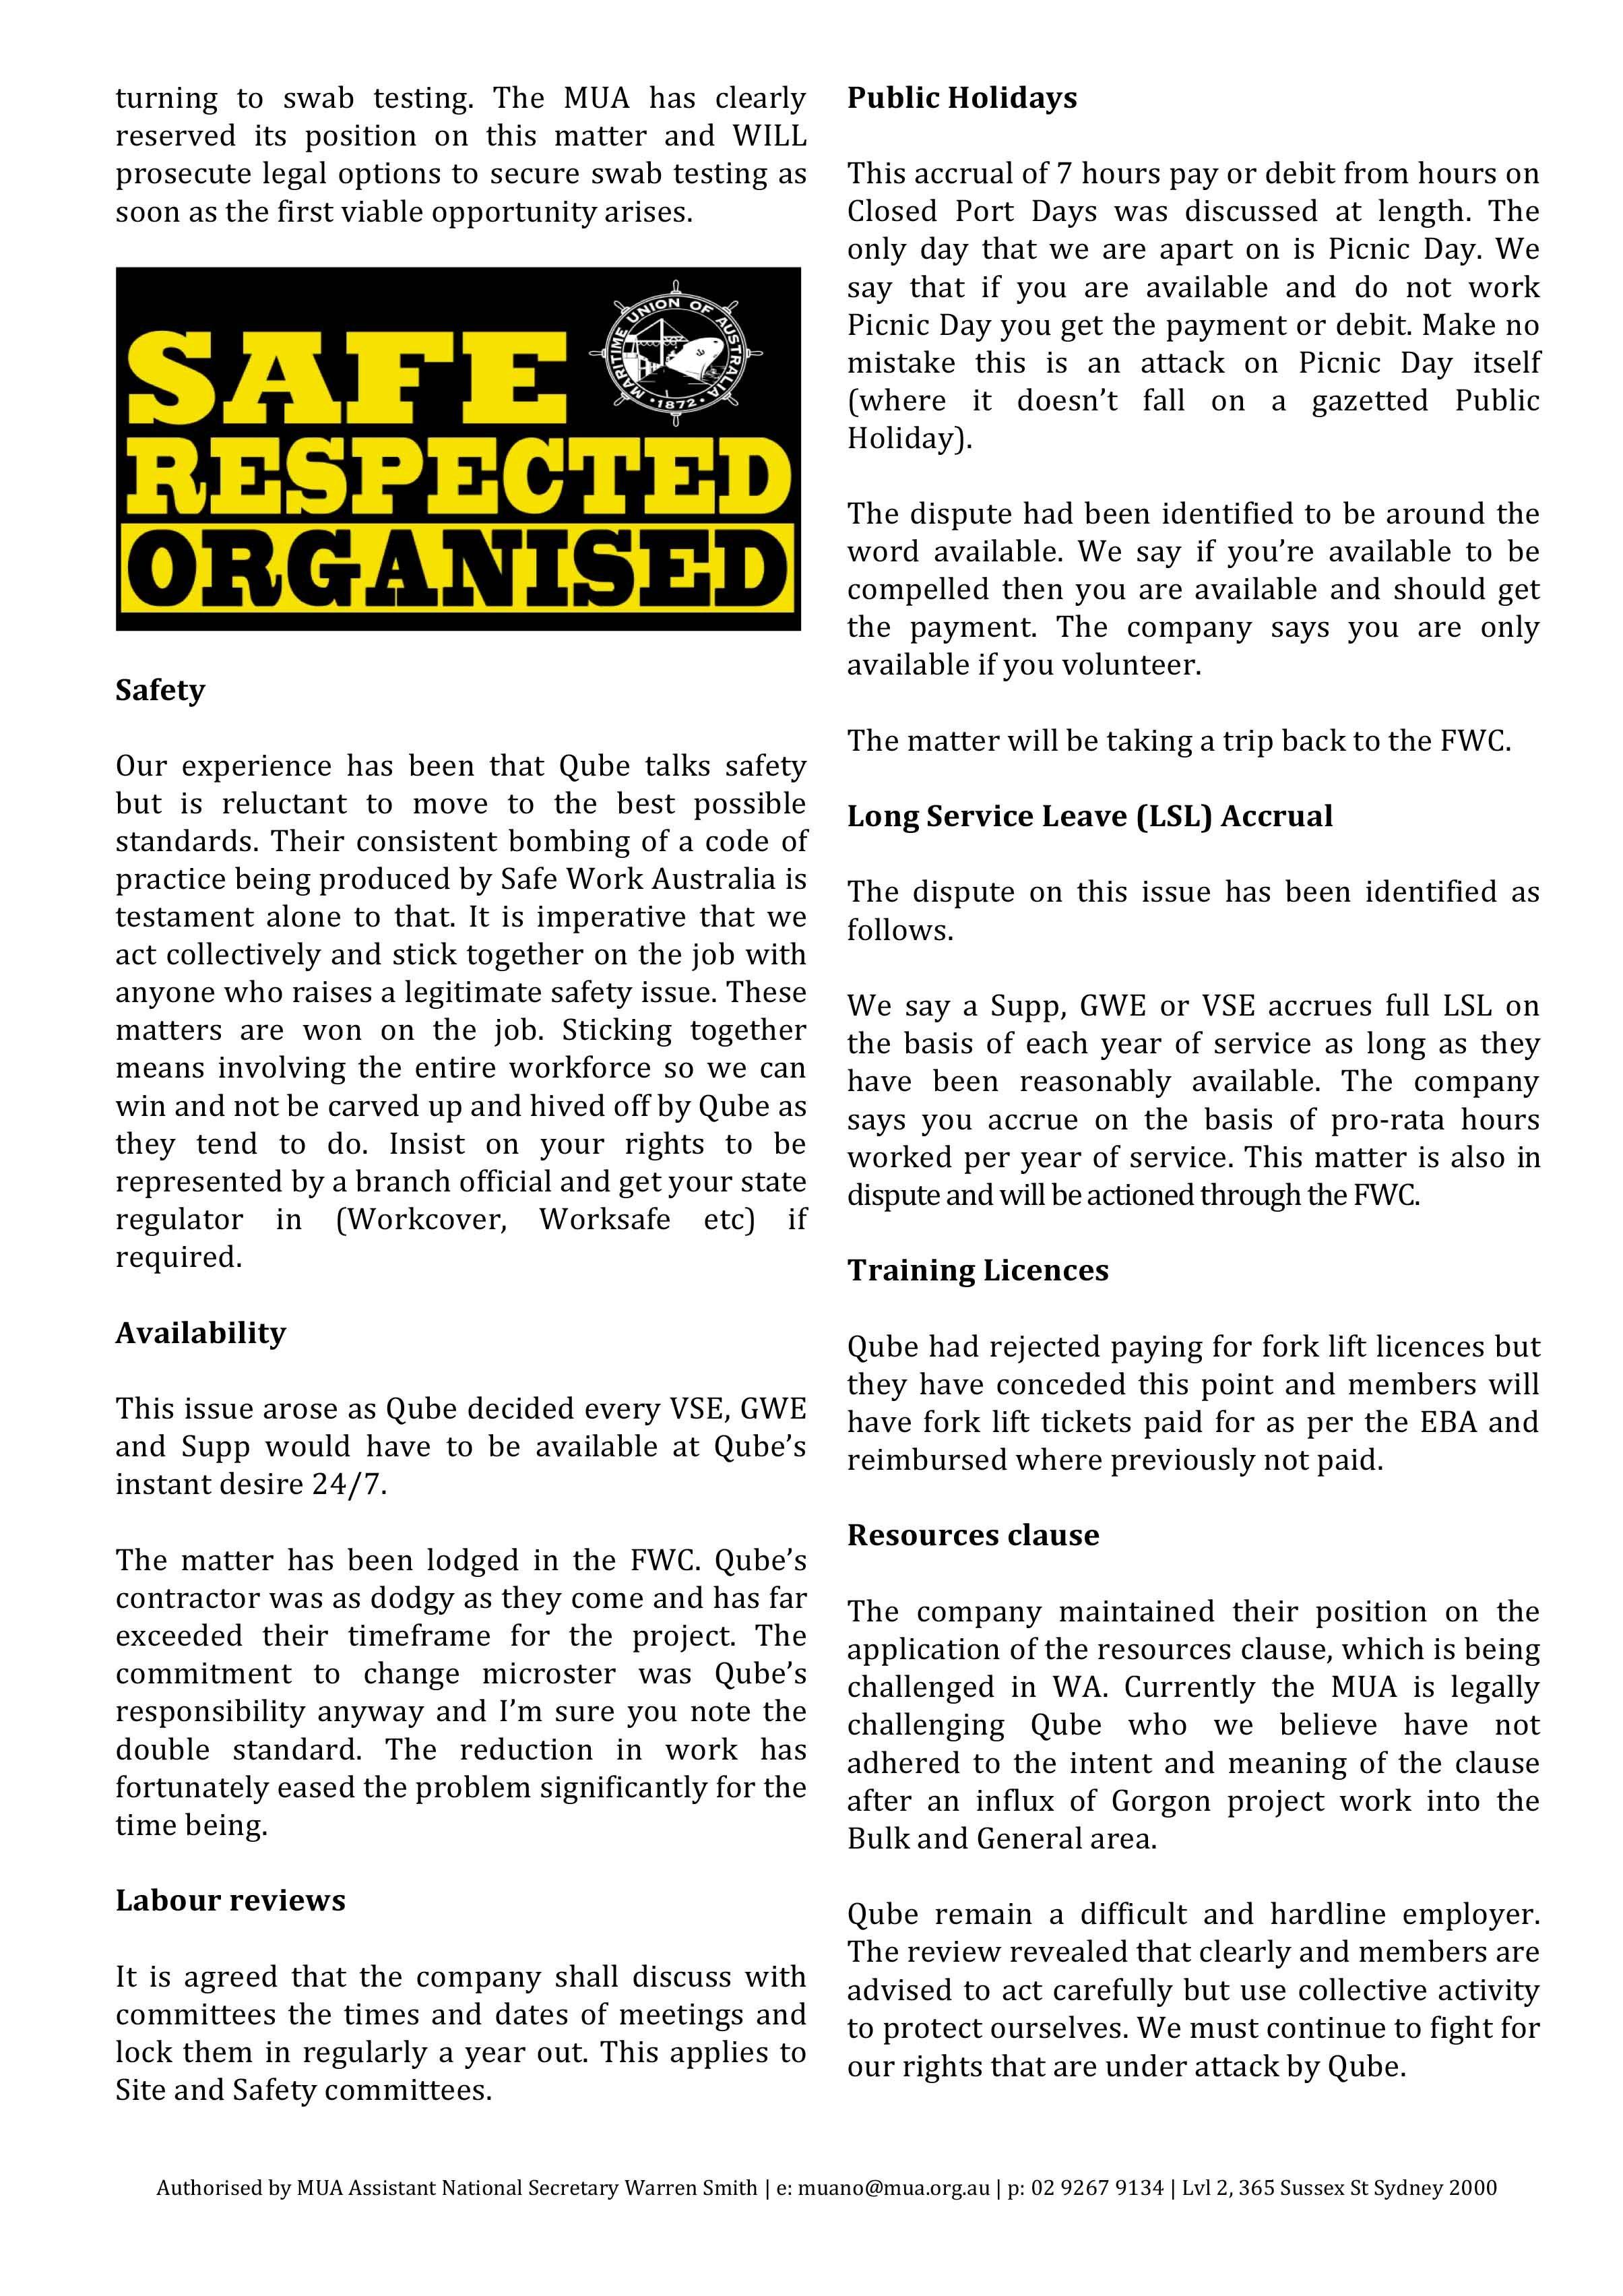 Image - QUBE leaflet page2.jpg